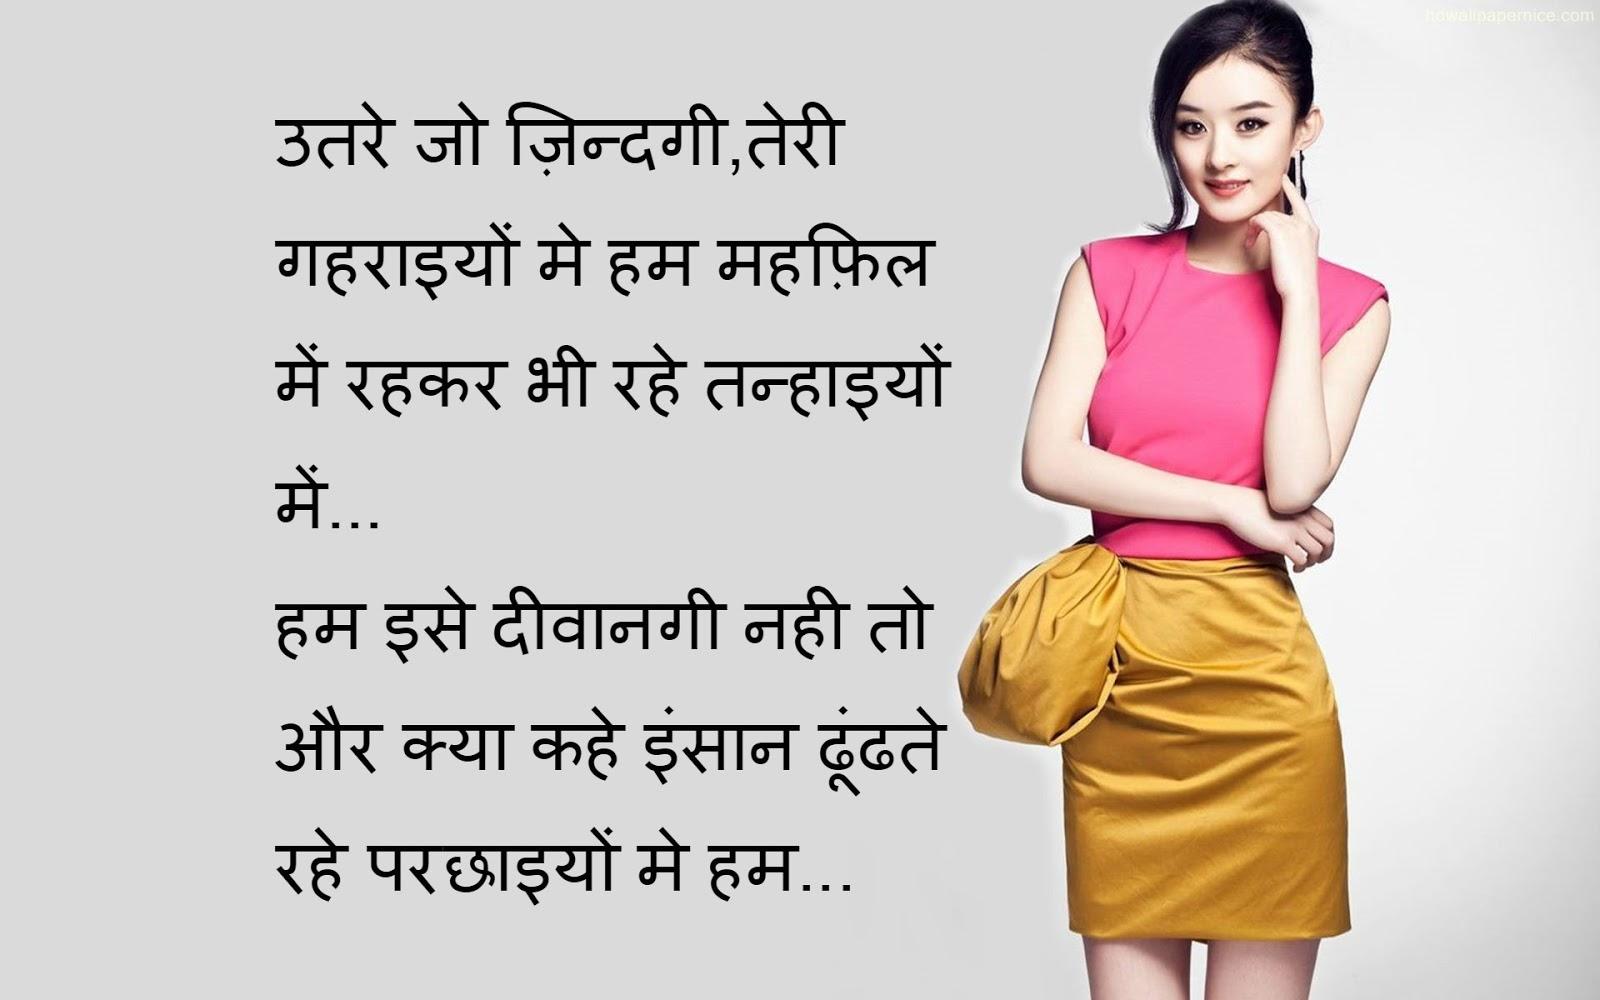 Wallpaper download jokes -  2016 Hindi Funny Shayari Wallpaper And Pic Hindi Sad Shayari On Life With Picture Sad Shayari With Picture Hindi Shayari Wallpaper Download And Picture